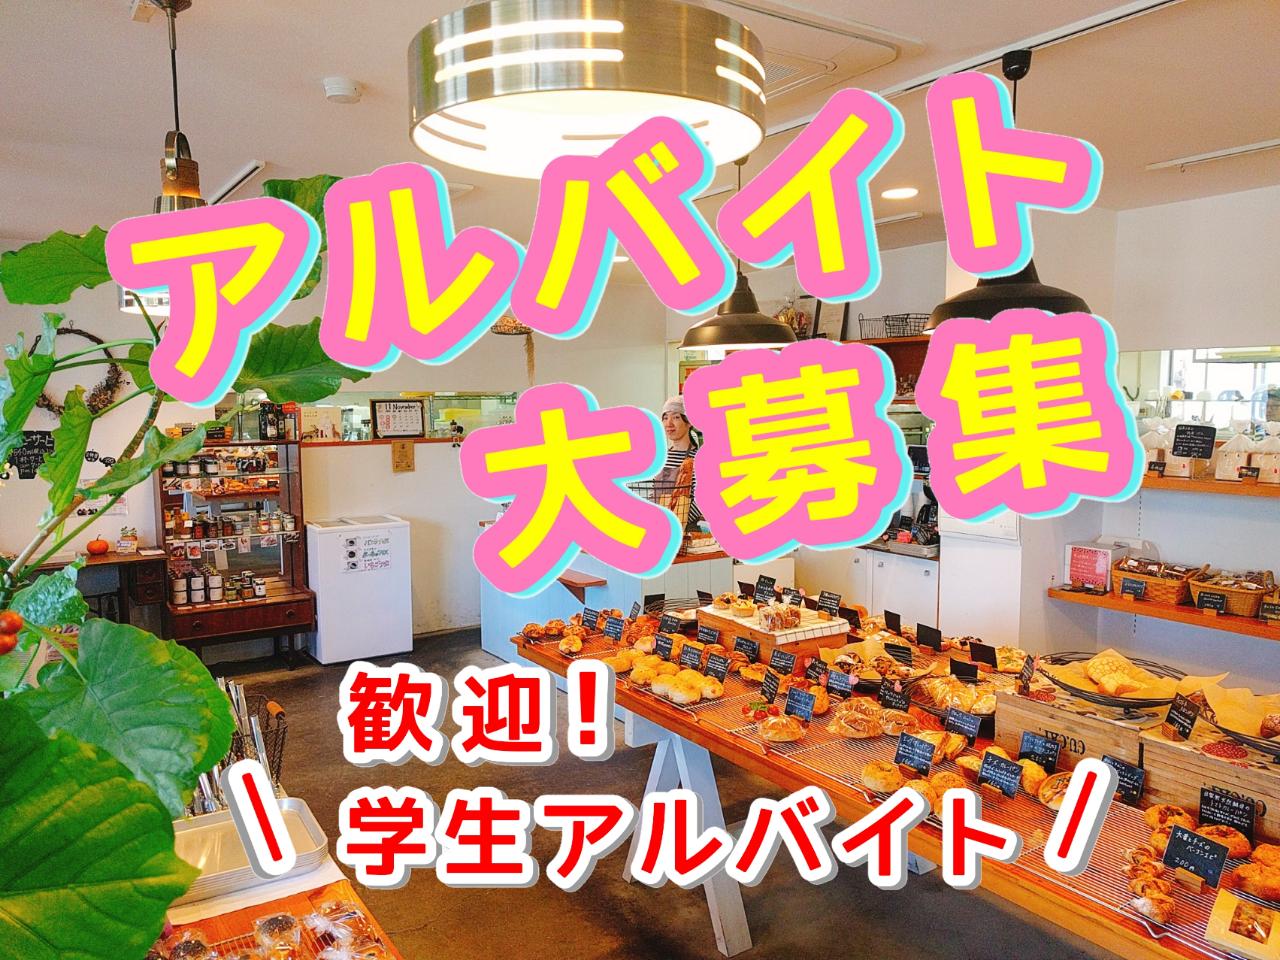 ルオント<br> 手作りパンと北欧雑貨 luonto 【動画PRあり】